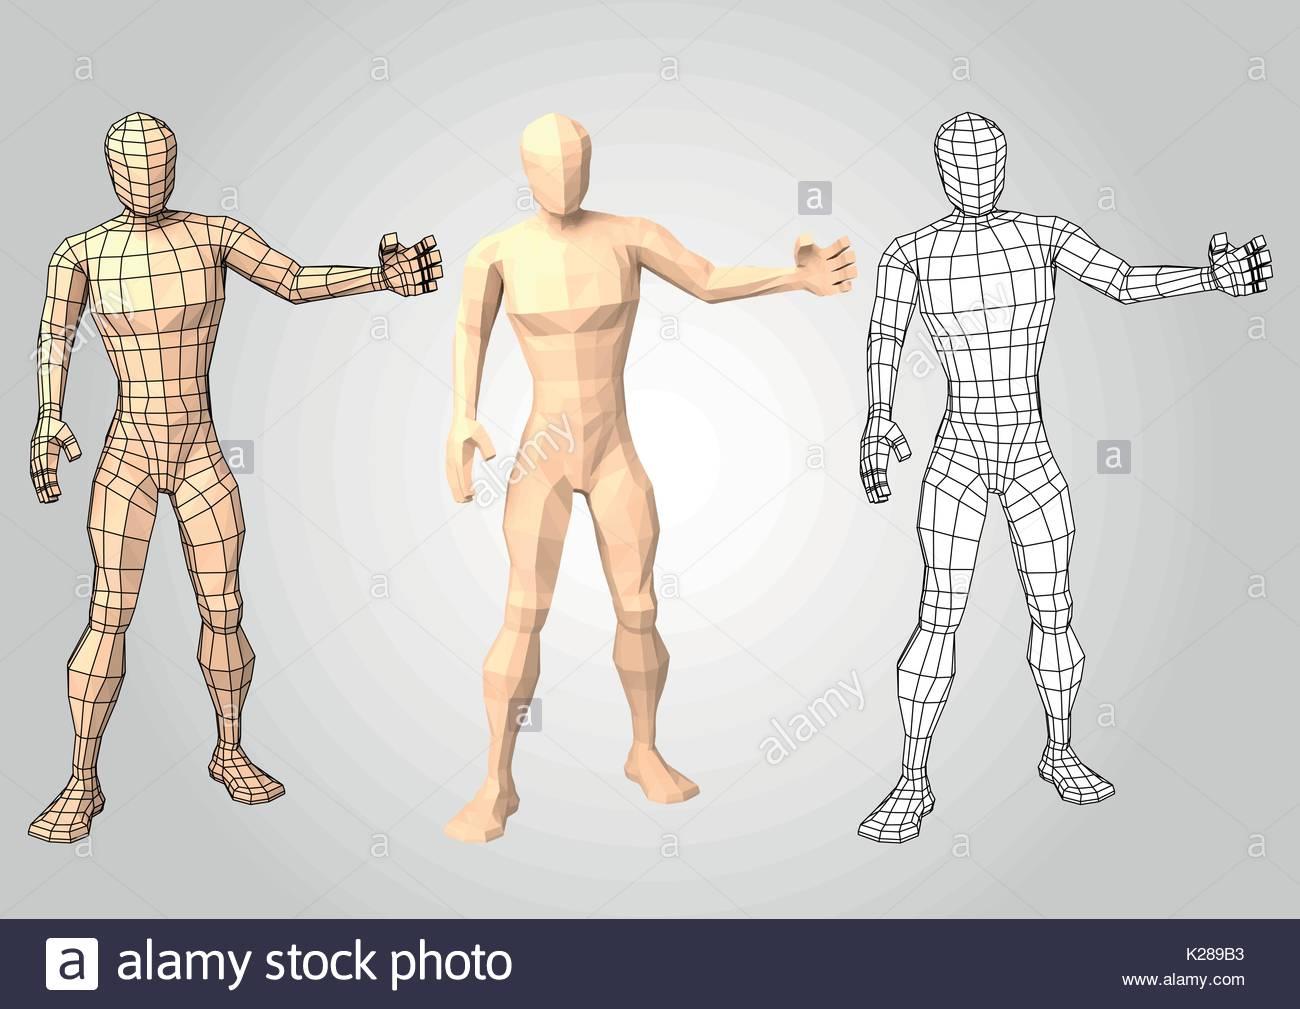 Wunderbar Menschliche Anatomie Etikettierbeispiele Bilder - Anatomie ...